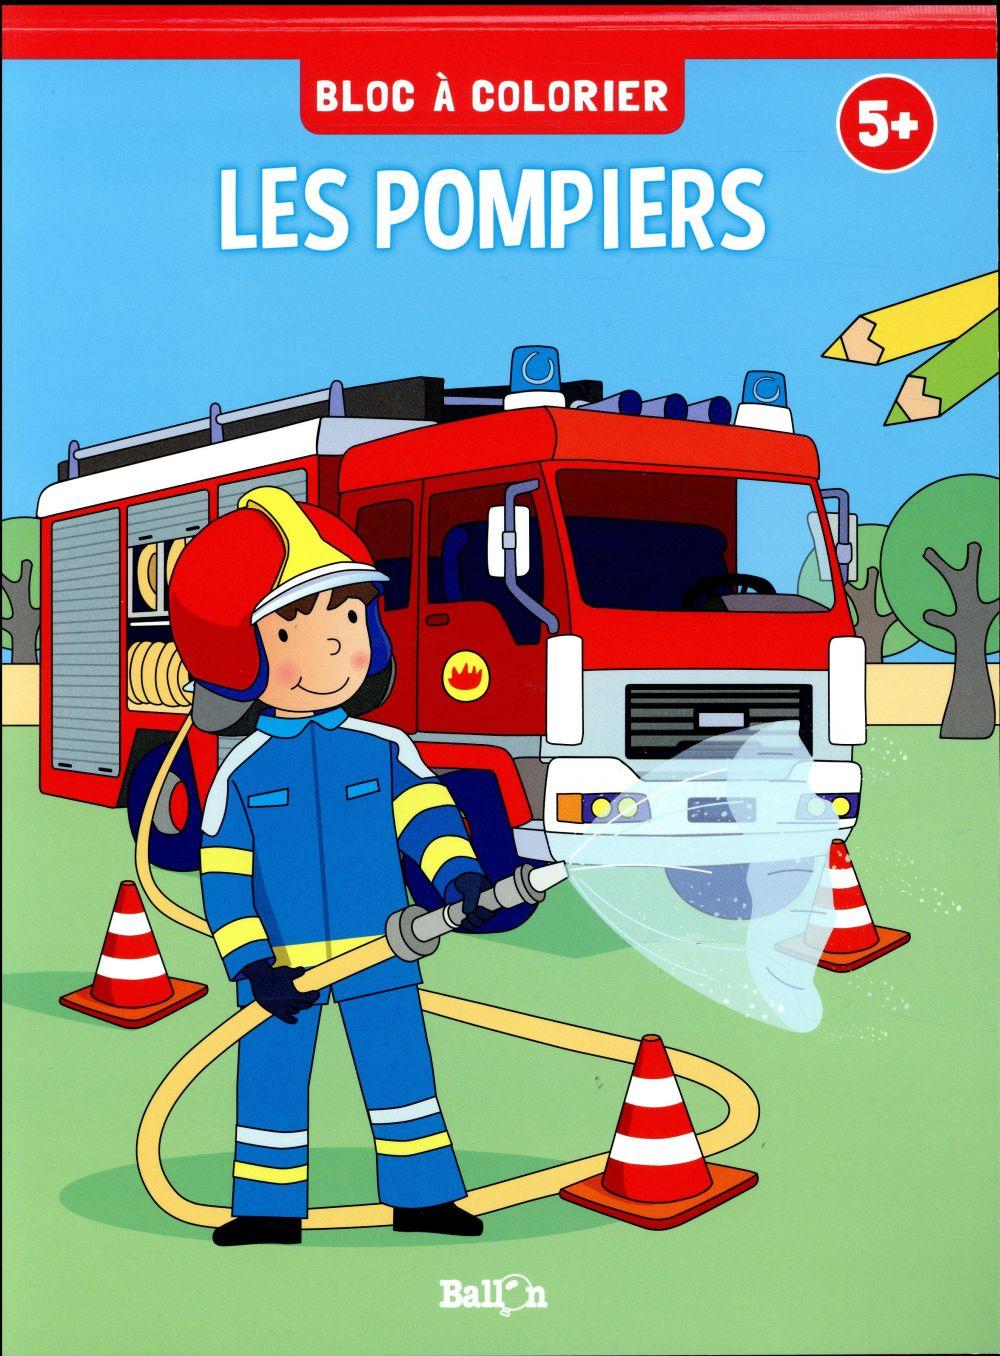 BLOC A COLORIER - LES  POMPIERS